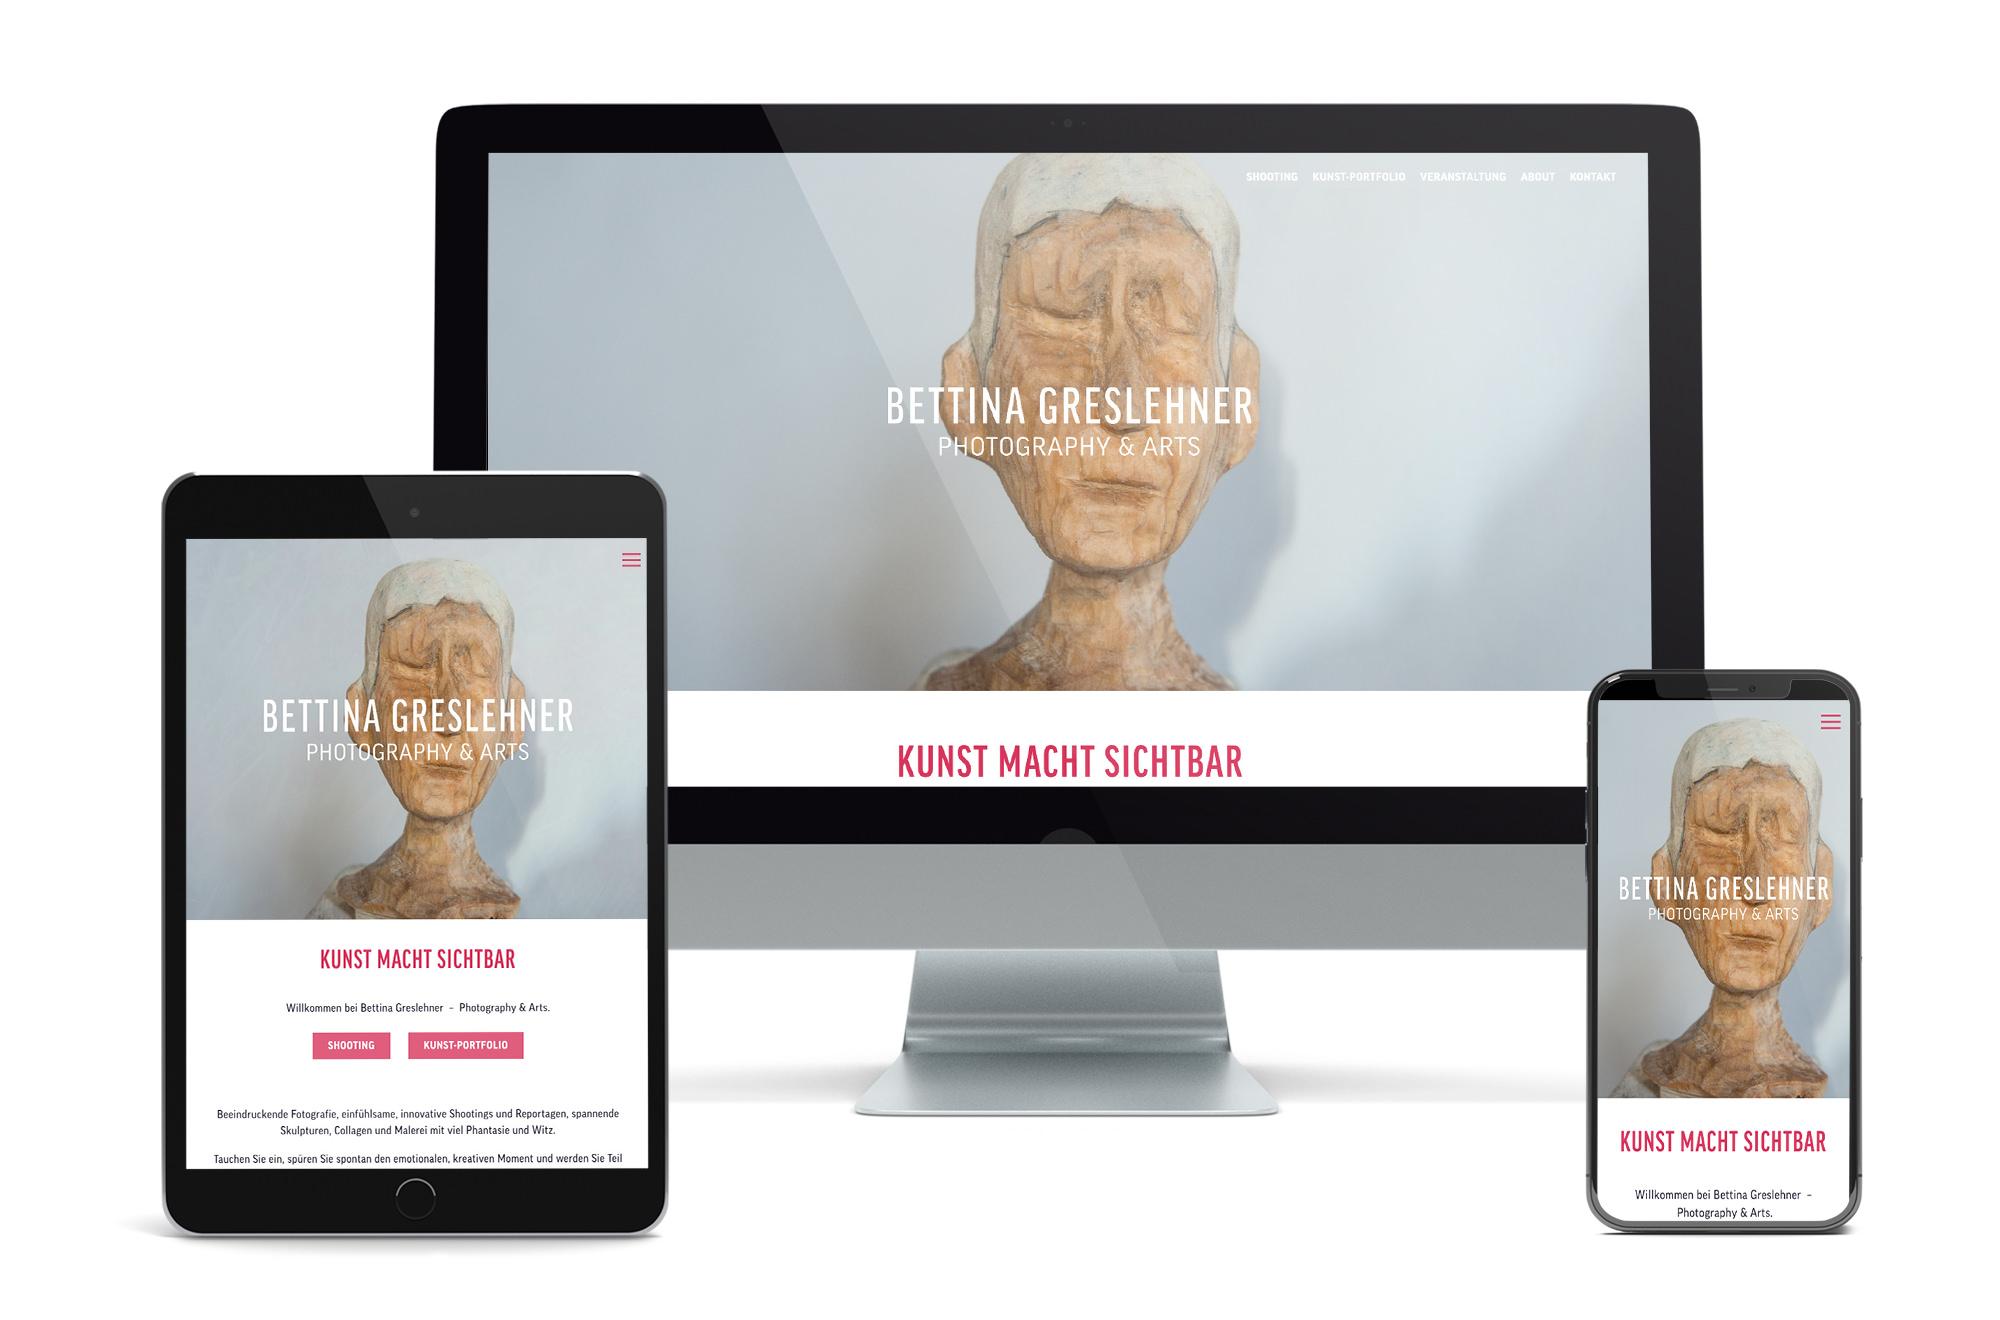 Webdesign Beispiel: Neue Website für Fotografin / Künstlerin